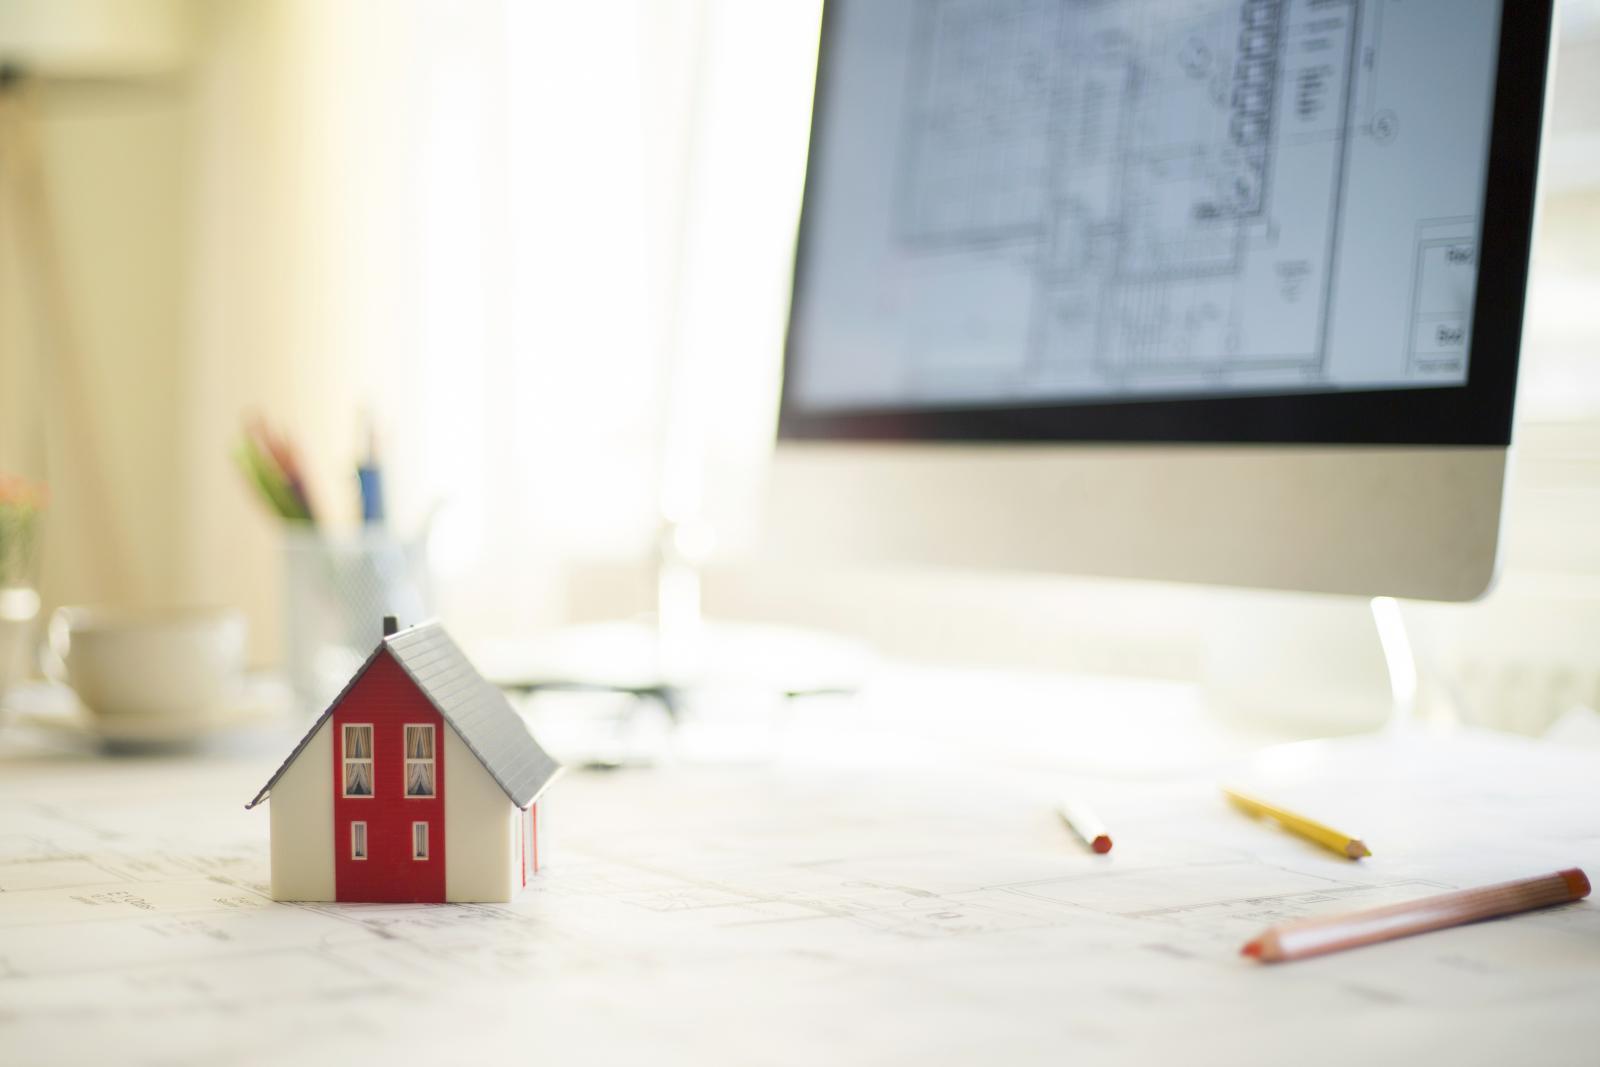 Casa en miniatura con los planos de la casa en el ordenador